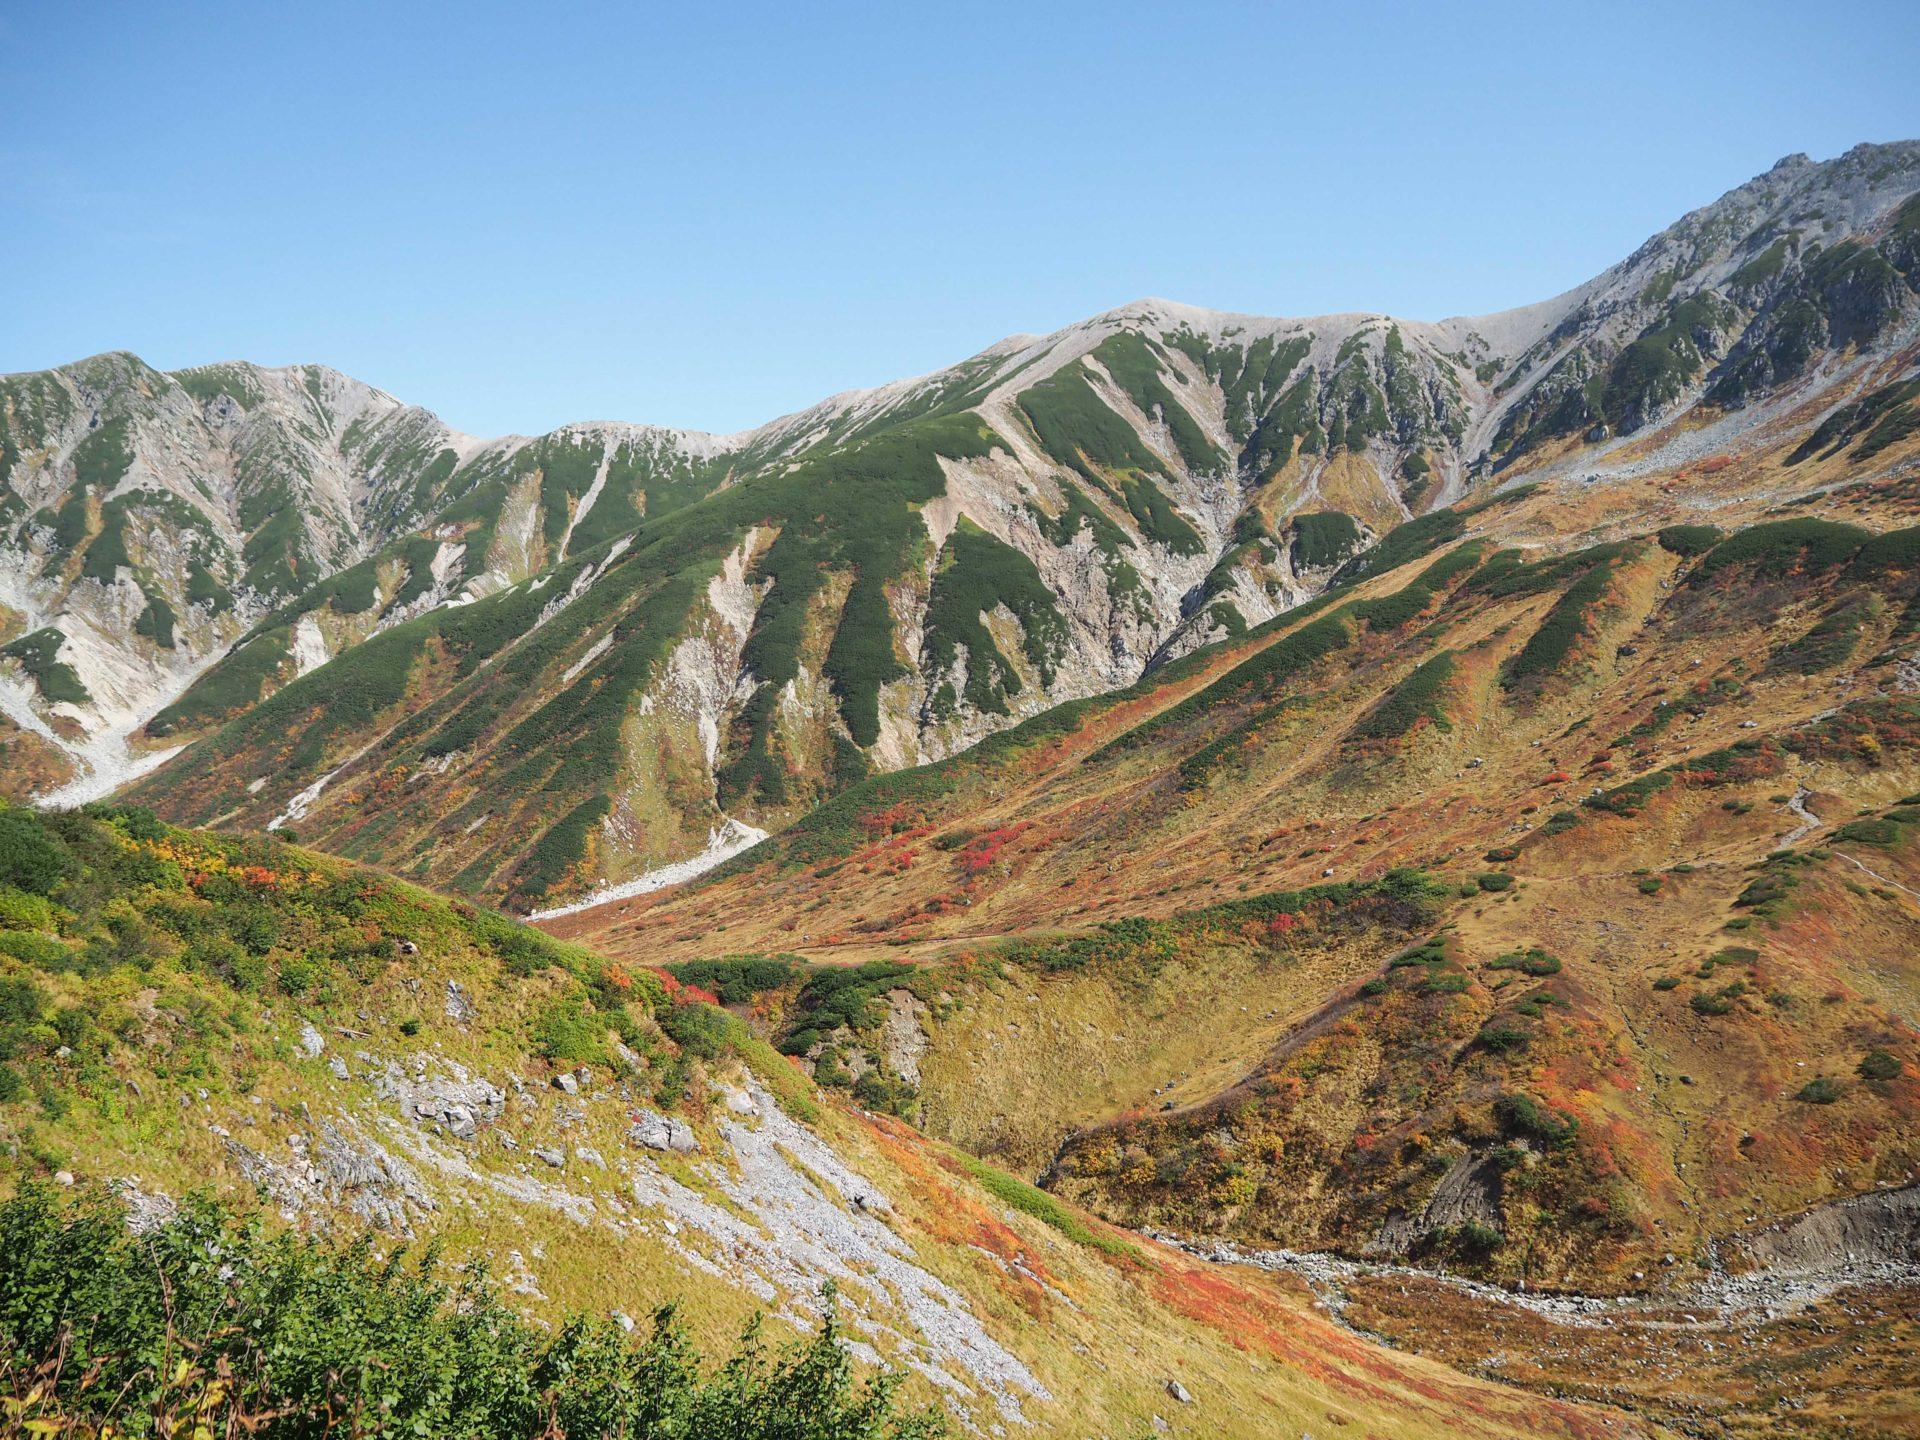 Route Alpine Tateyama-Kurobe dans les Alpes Japonaises - Préfecture de Toyama, porte d'entrée vers les Alpes Japonaises - Voyager au Japon hors des sentiers battus